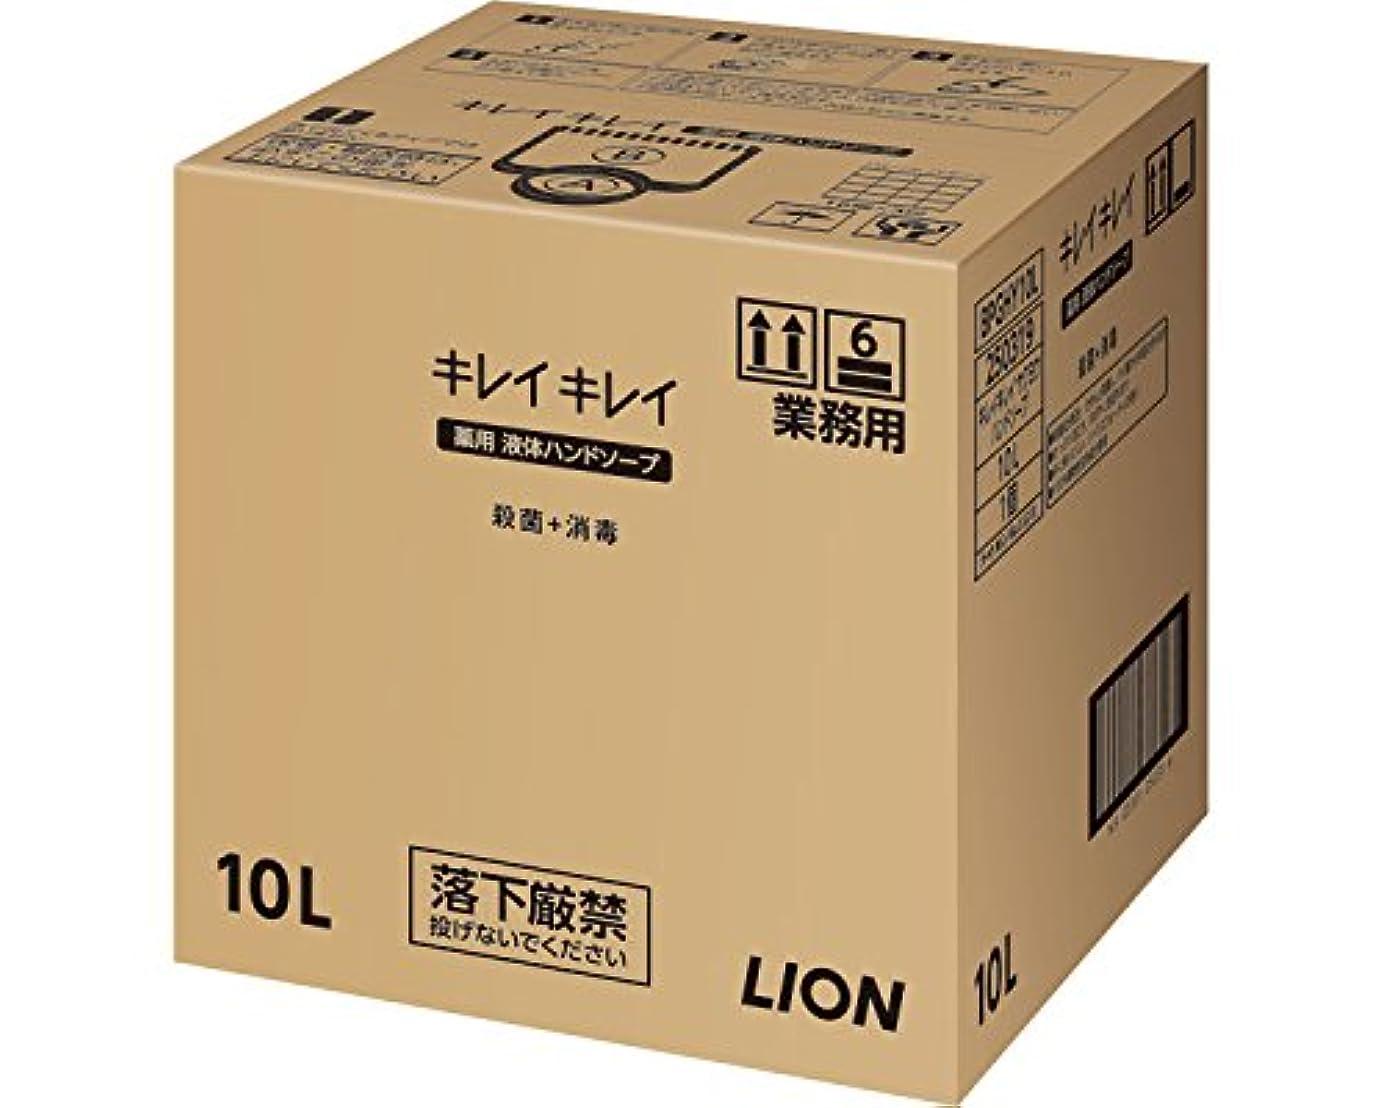 郵便物ハードリング把握キレイキレイ薬用ハンドソープ 10L (ライオンハイジーン) (清拭小物)